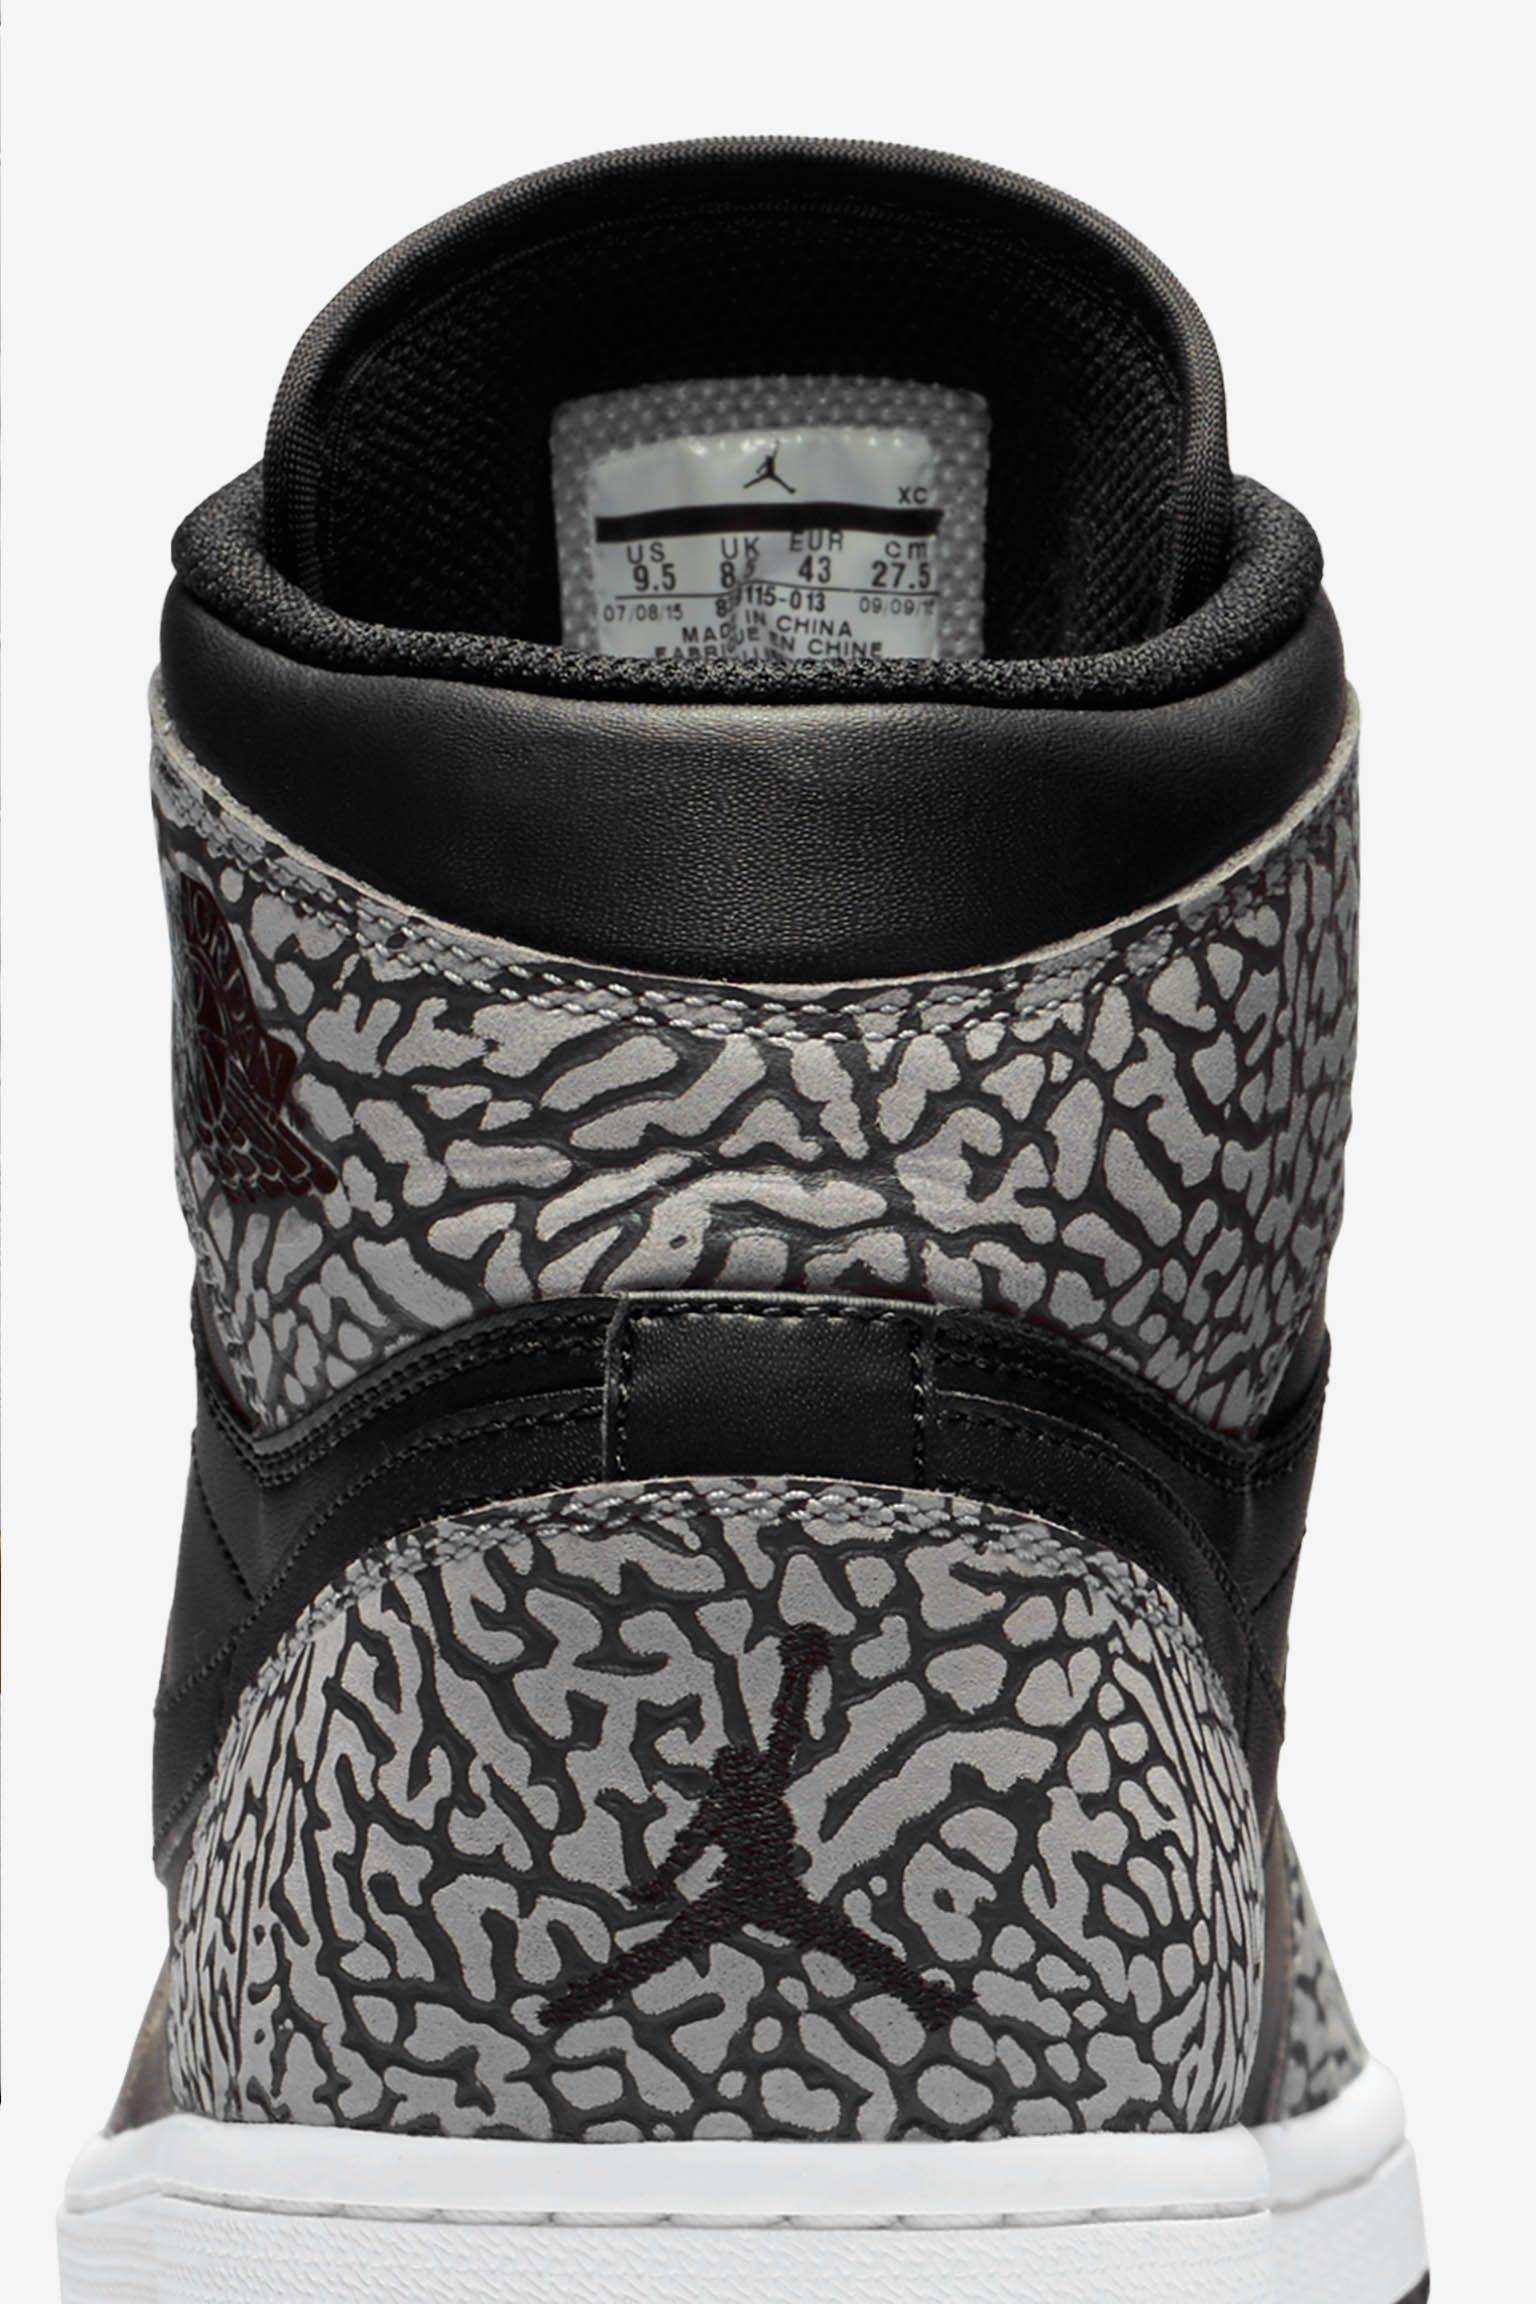 Air Jordan 1 Retro 'Black Cement Grey' Release Date